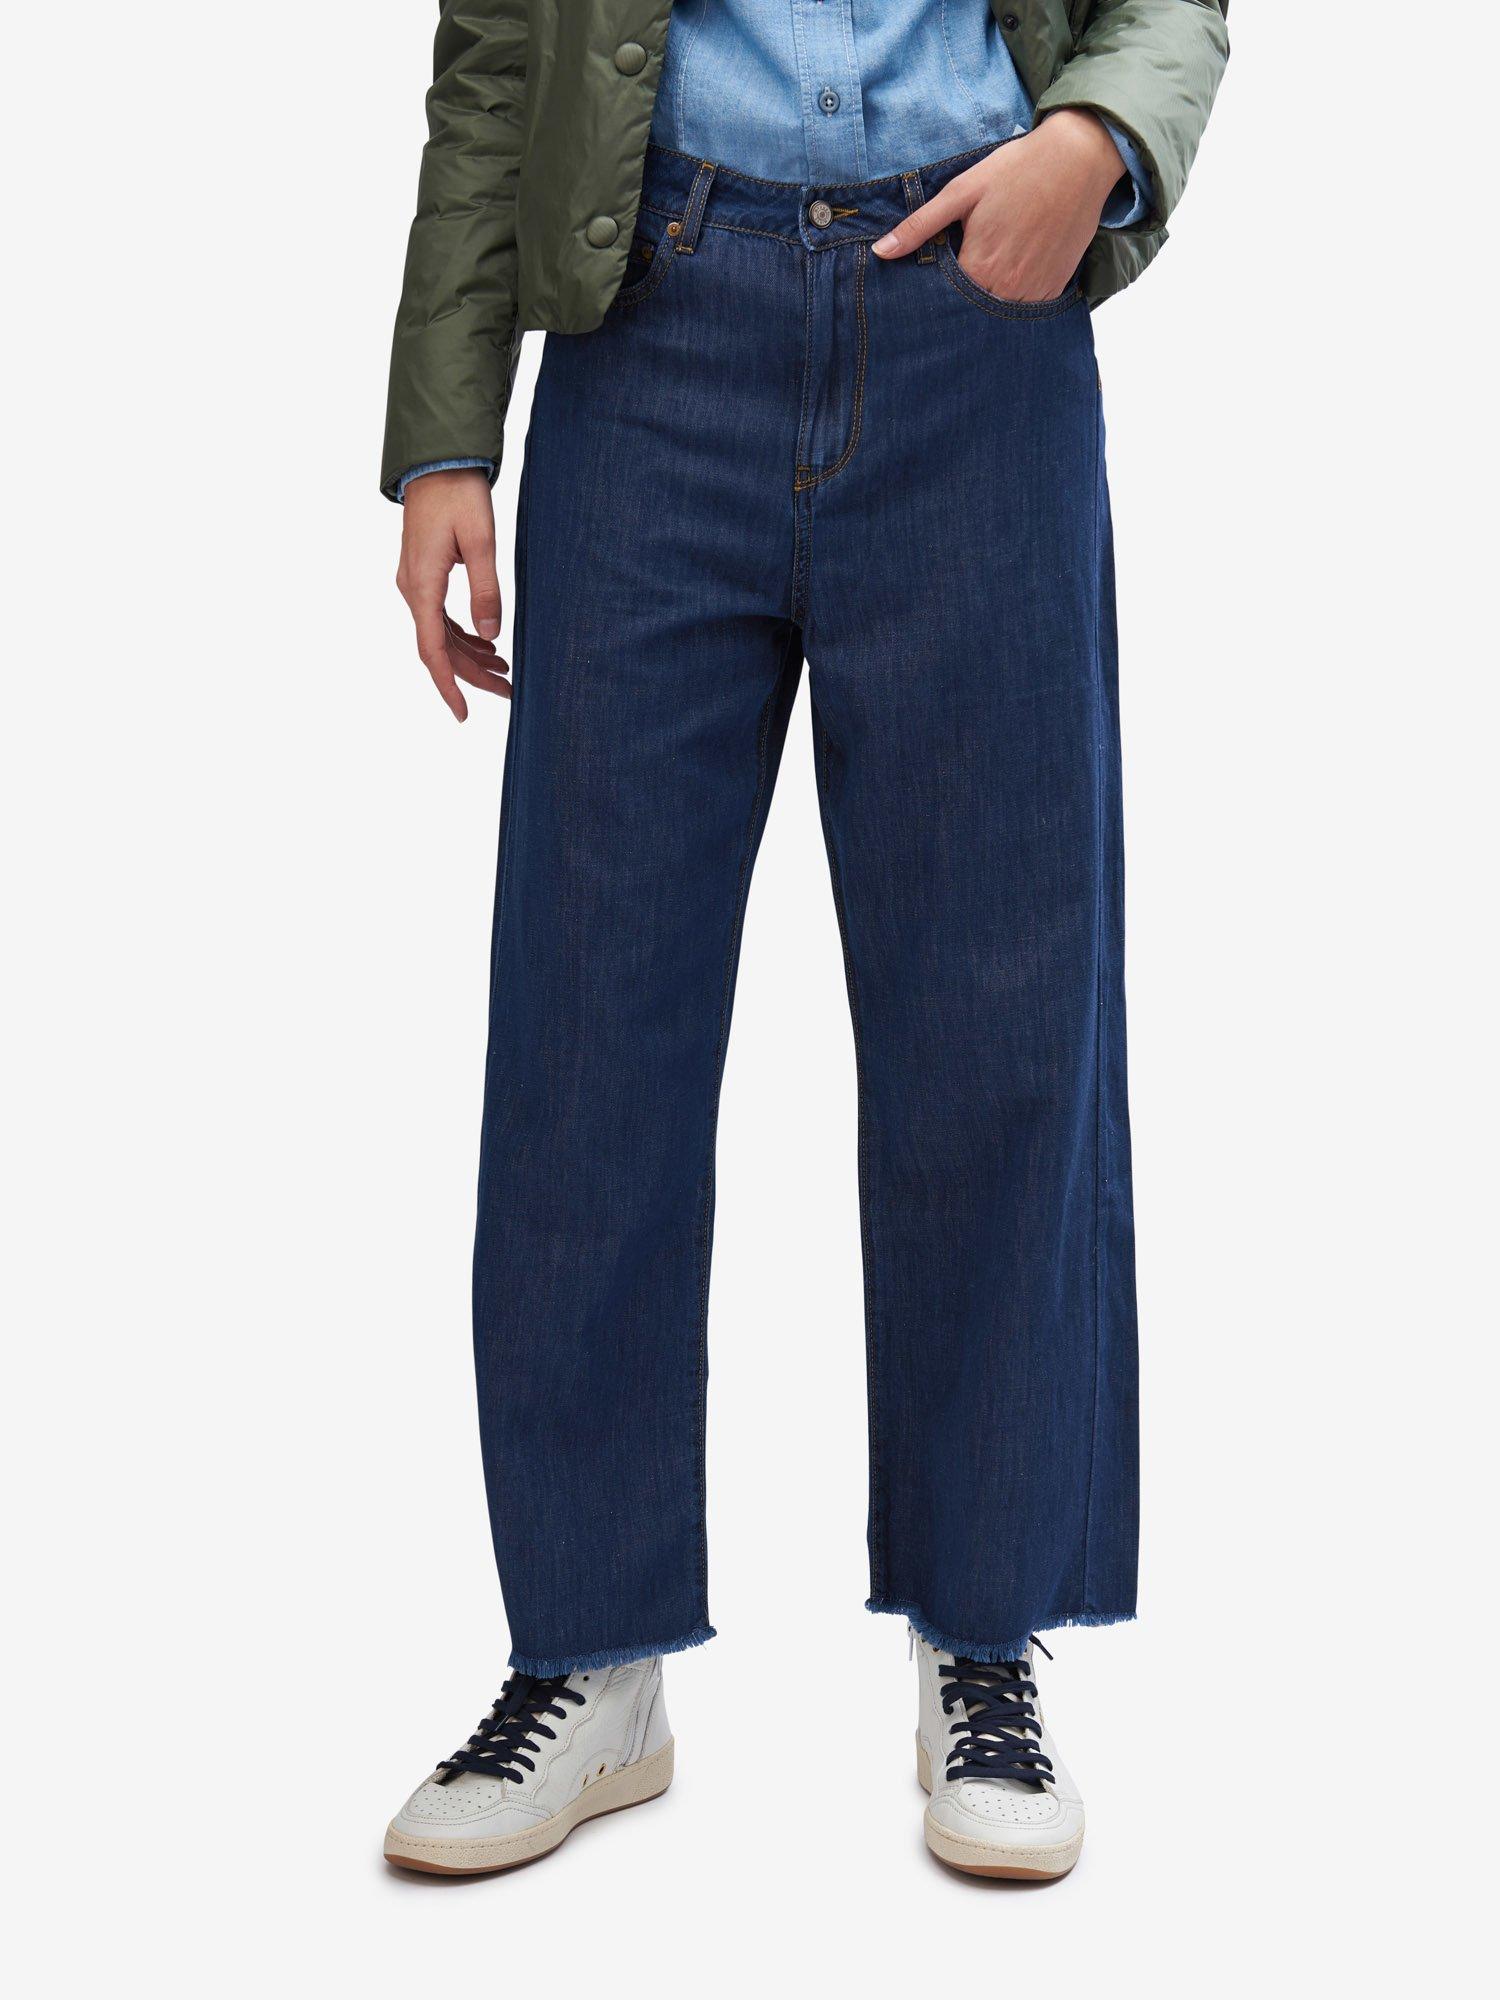 Blauer - LIGHTWEIGHT STRAIGHT LEG JEANS - Medium Wash - Blauer